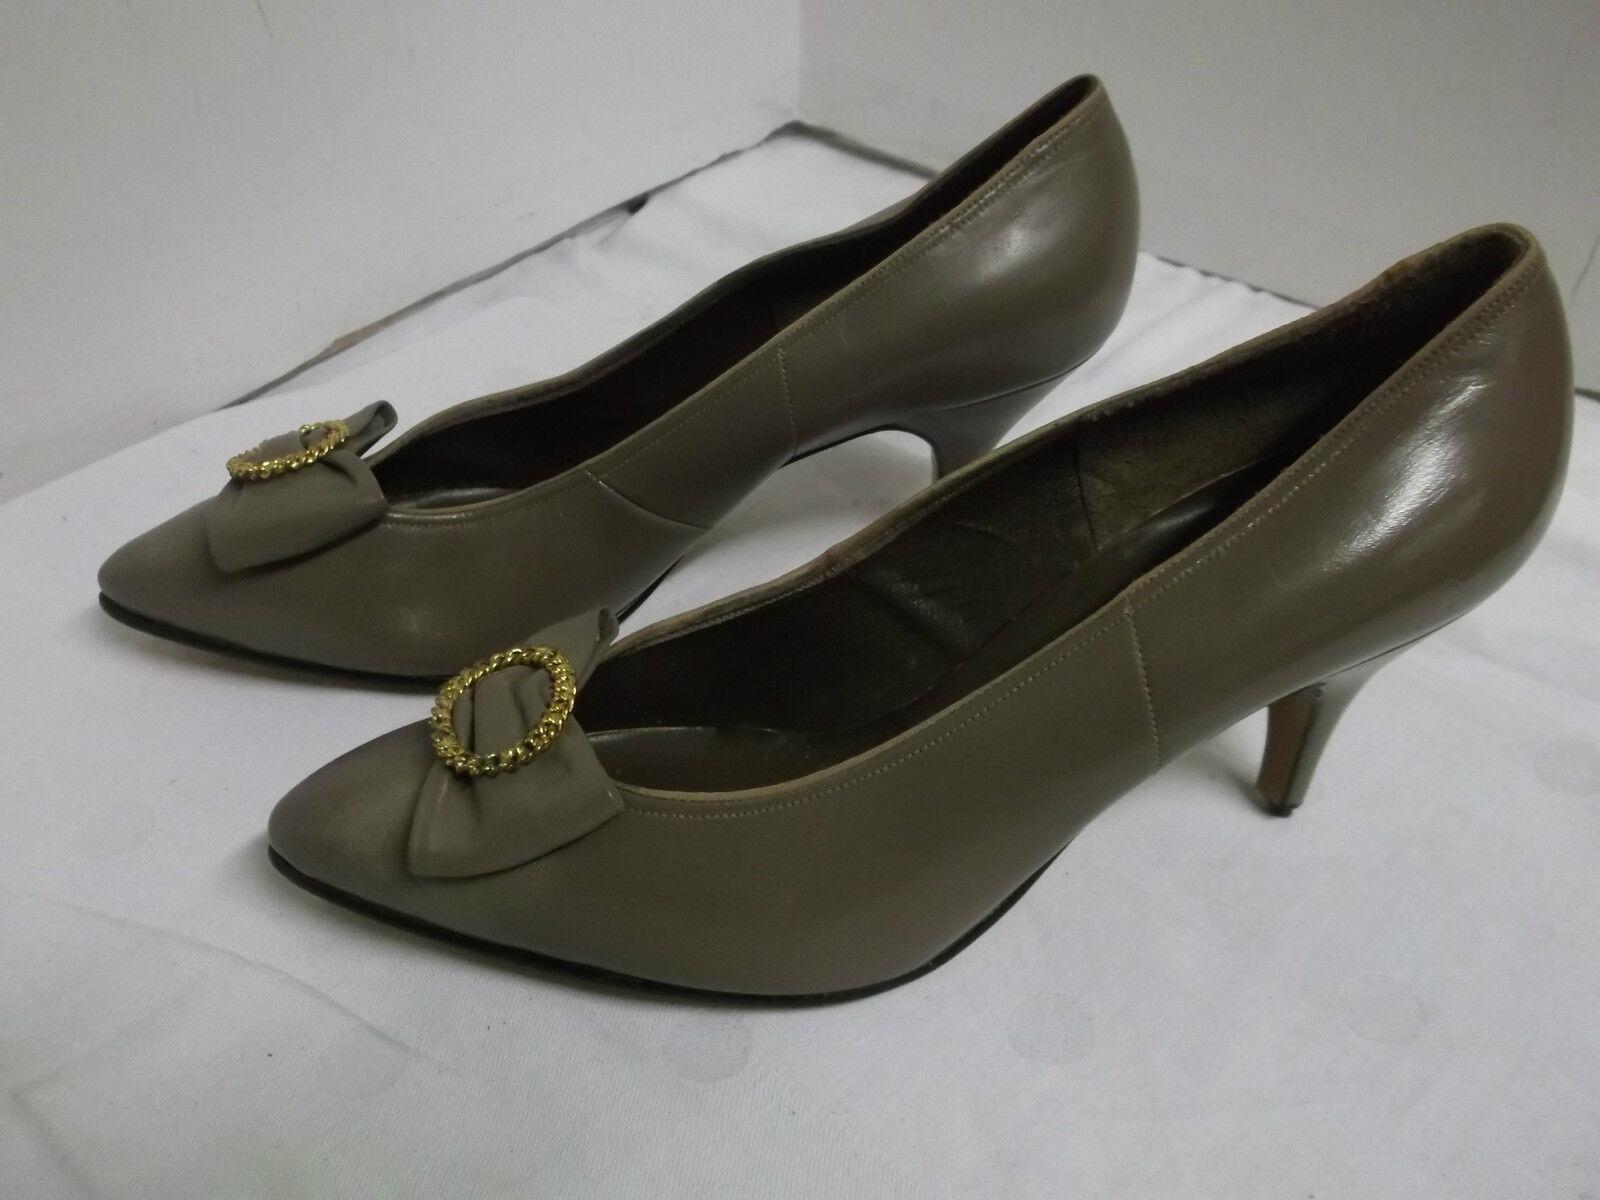 50er 60er Jahre NOS Pumps Damen Schuh Leder True Vintage Gr. 5 = 38 50s Schuhe